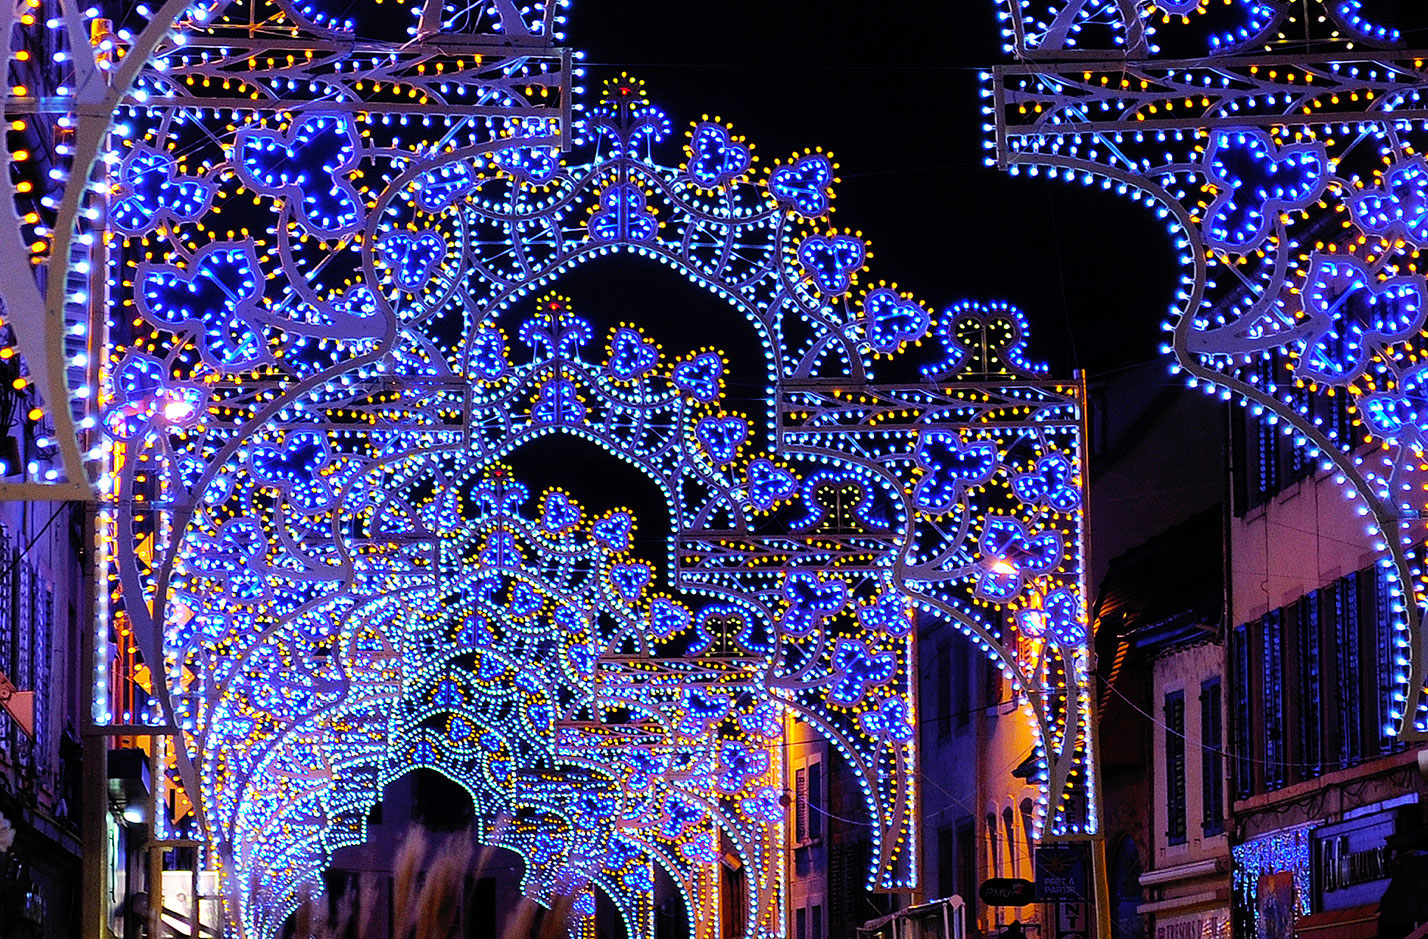 Lumières de Noël à Montbéliard.